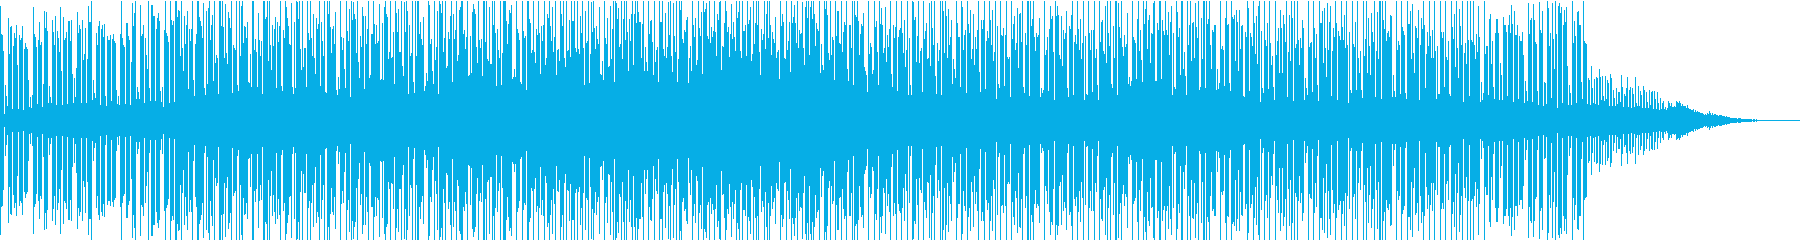 神妙な雰囲気のアンビエント系BGMの再生済みの波形